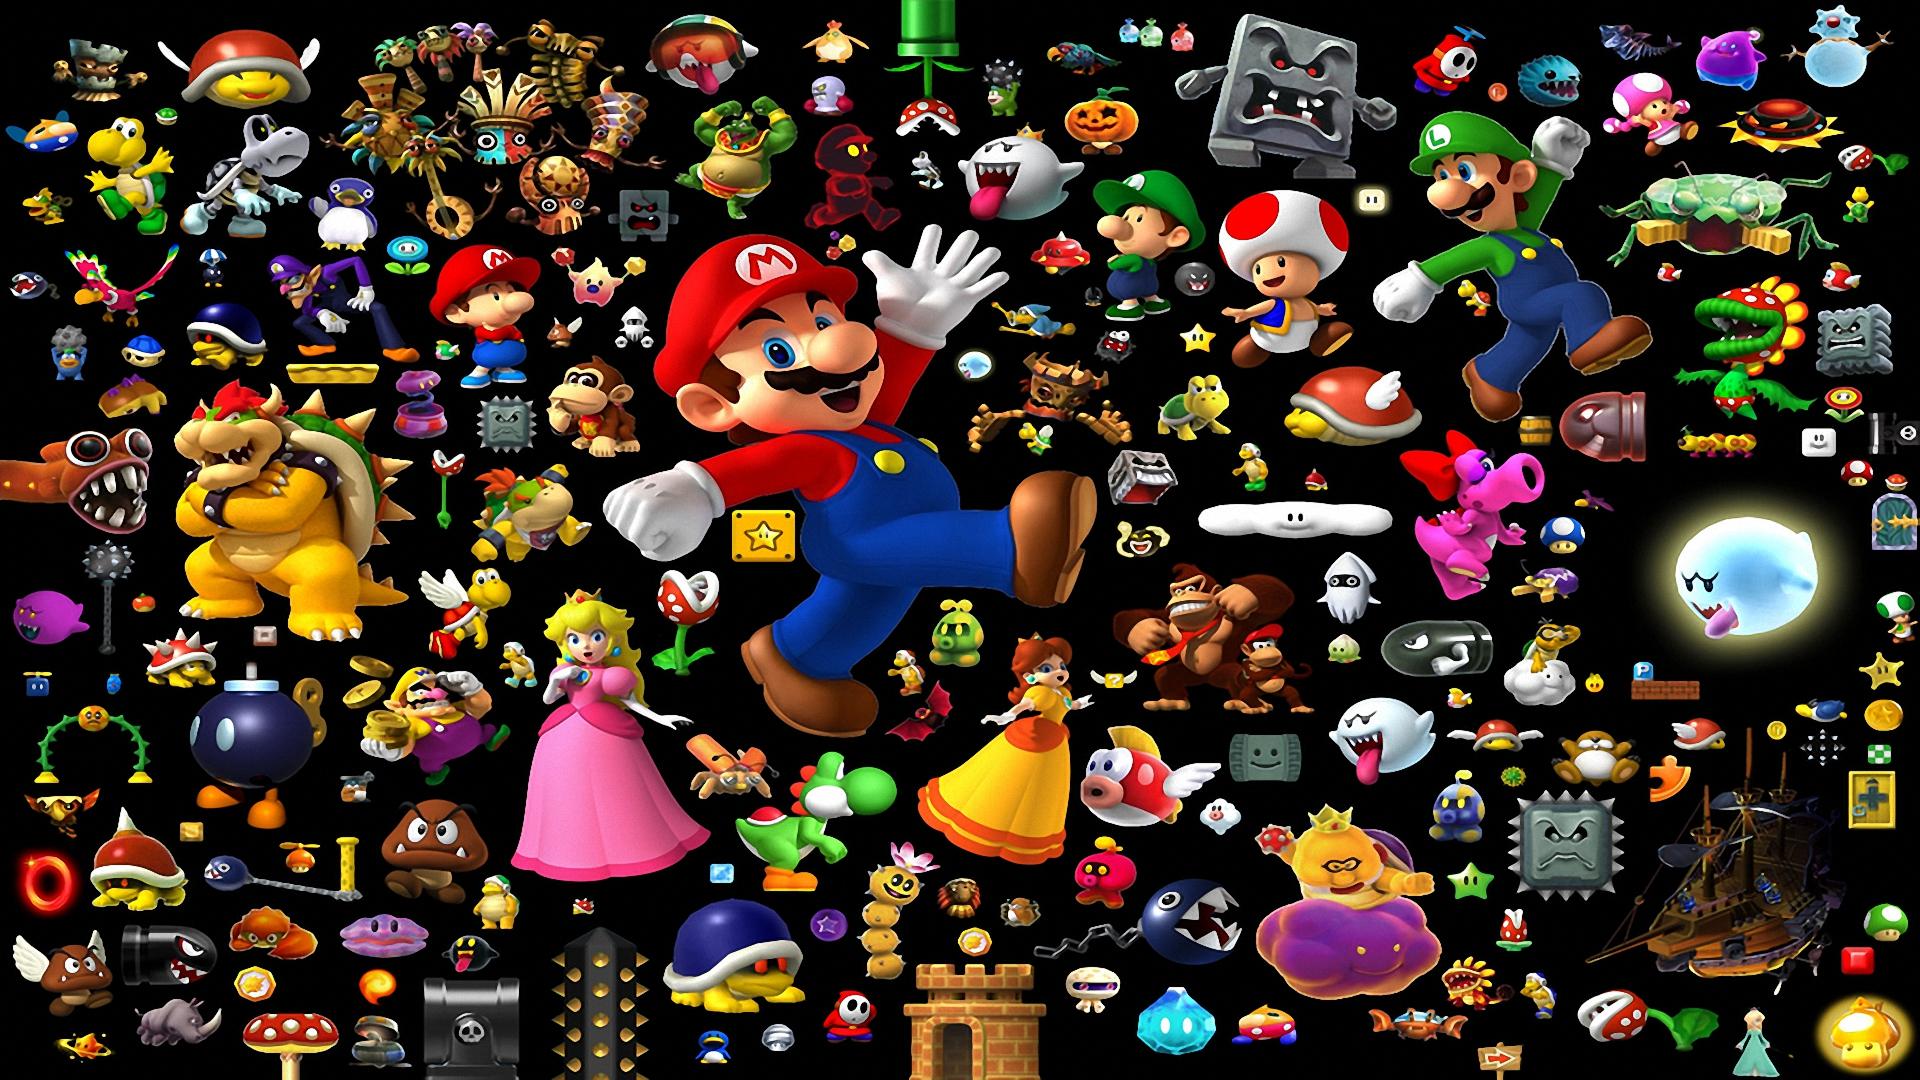 Clown Car Smb Wallpaper Super Mario All Stars Super Mario World Fond D 233 Cran Hd